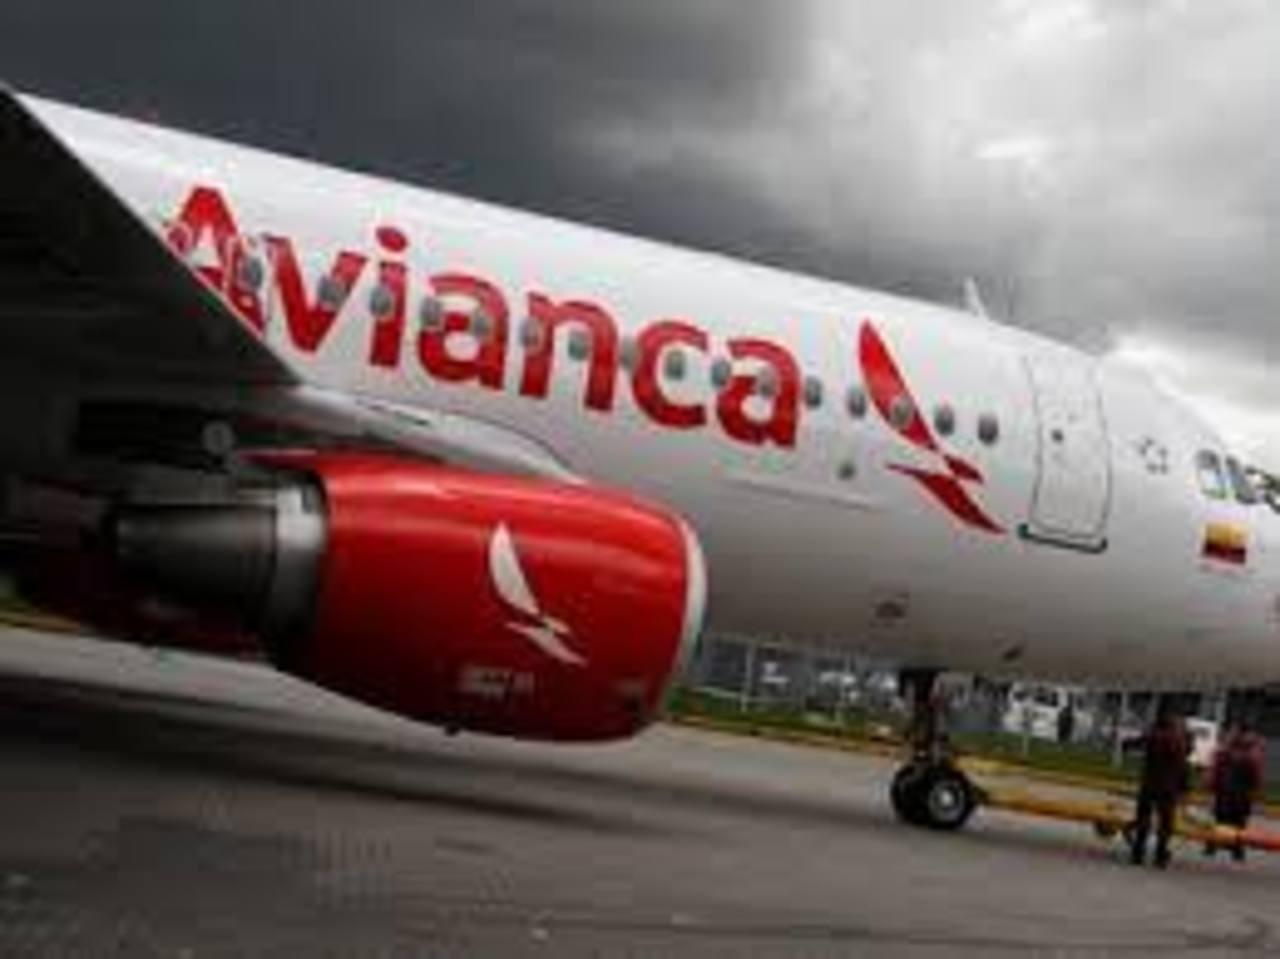 La primera fecha para comenzar el viaje con la promoción tarifaria de Avianca es el 1° de setiembre, siendo el 5 de noviembre la última fecha para completarlo.